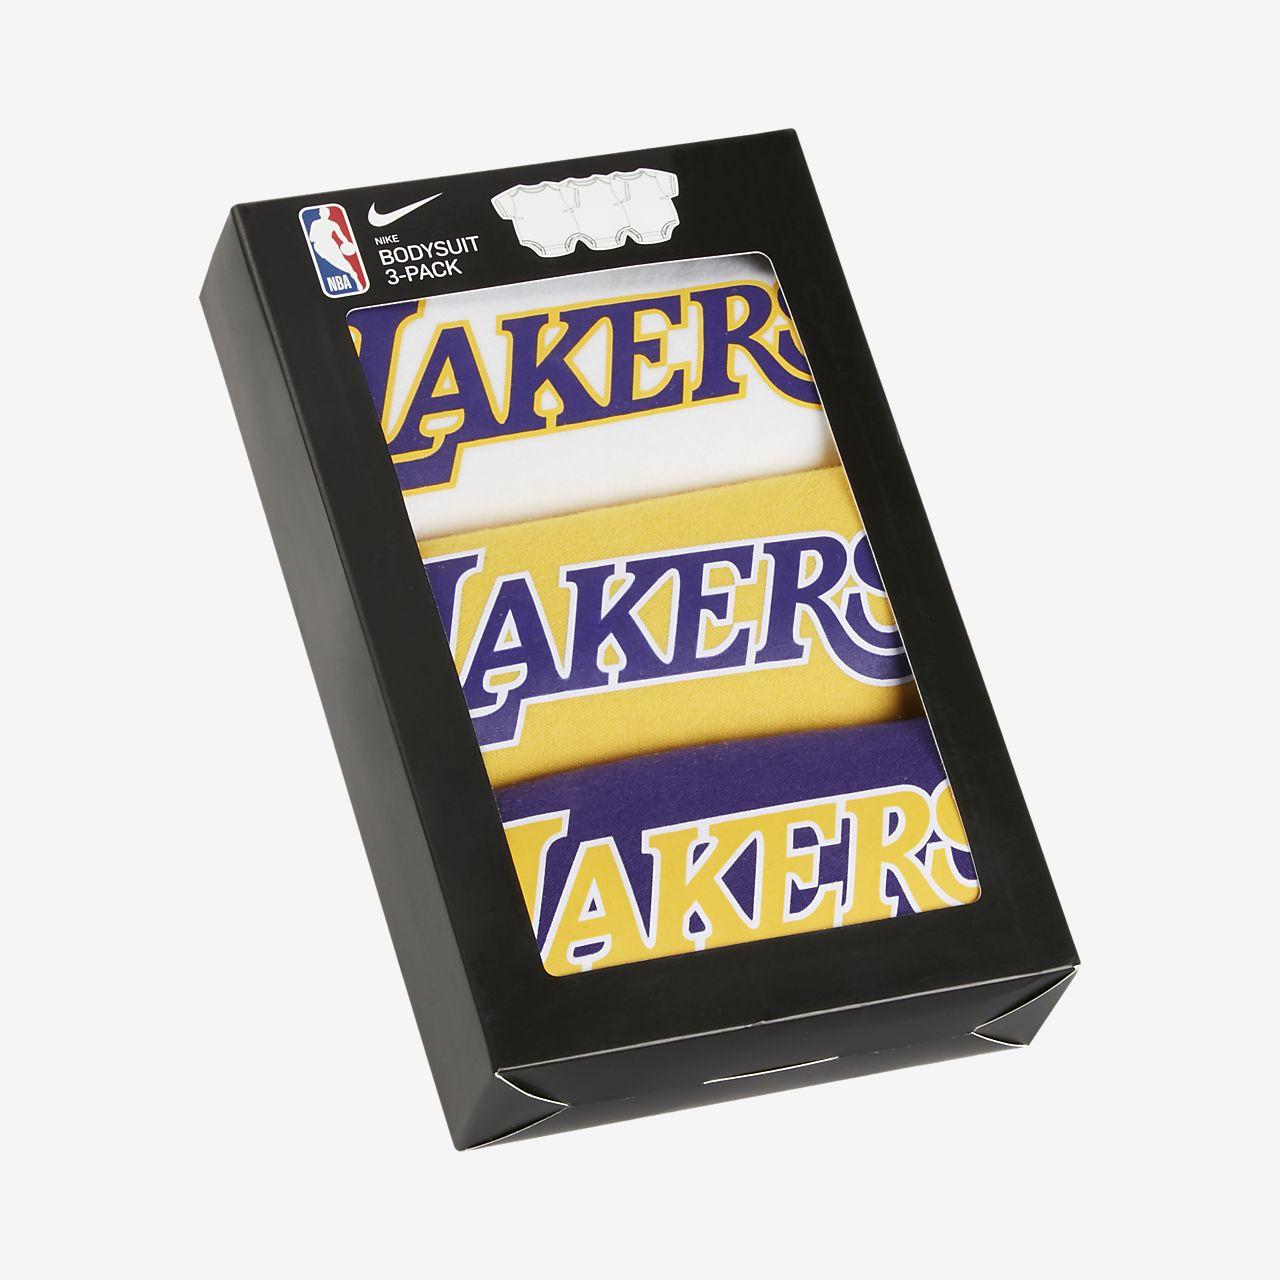 Lakers Conjunto de monos (3 unidades) Nike NBA - Bebé